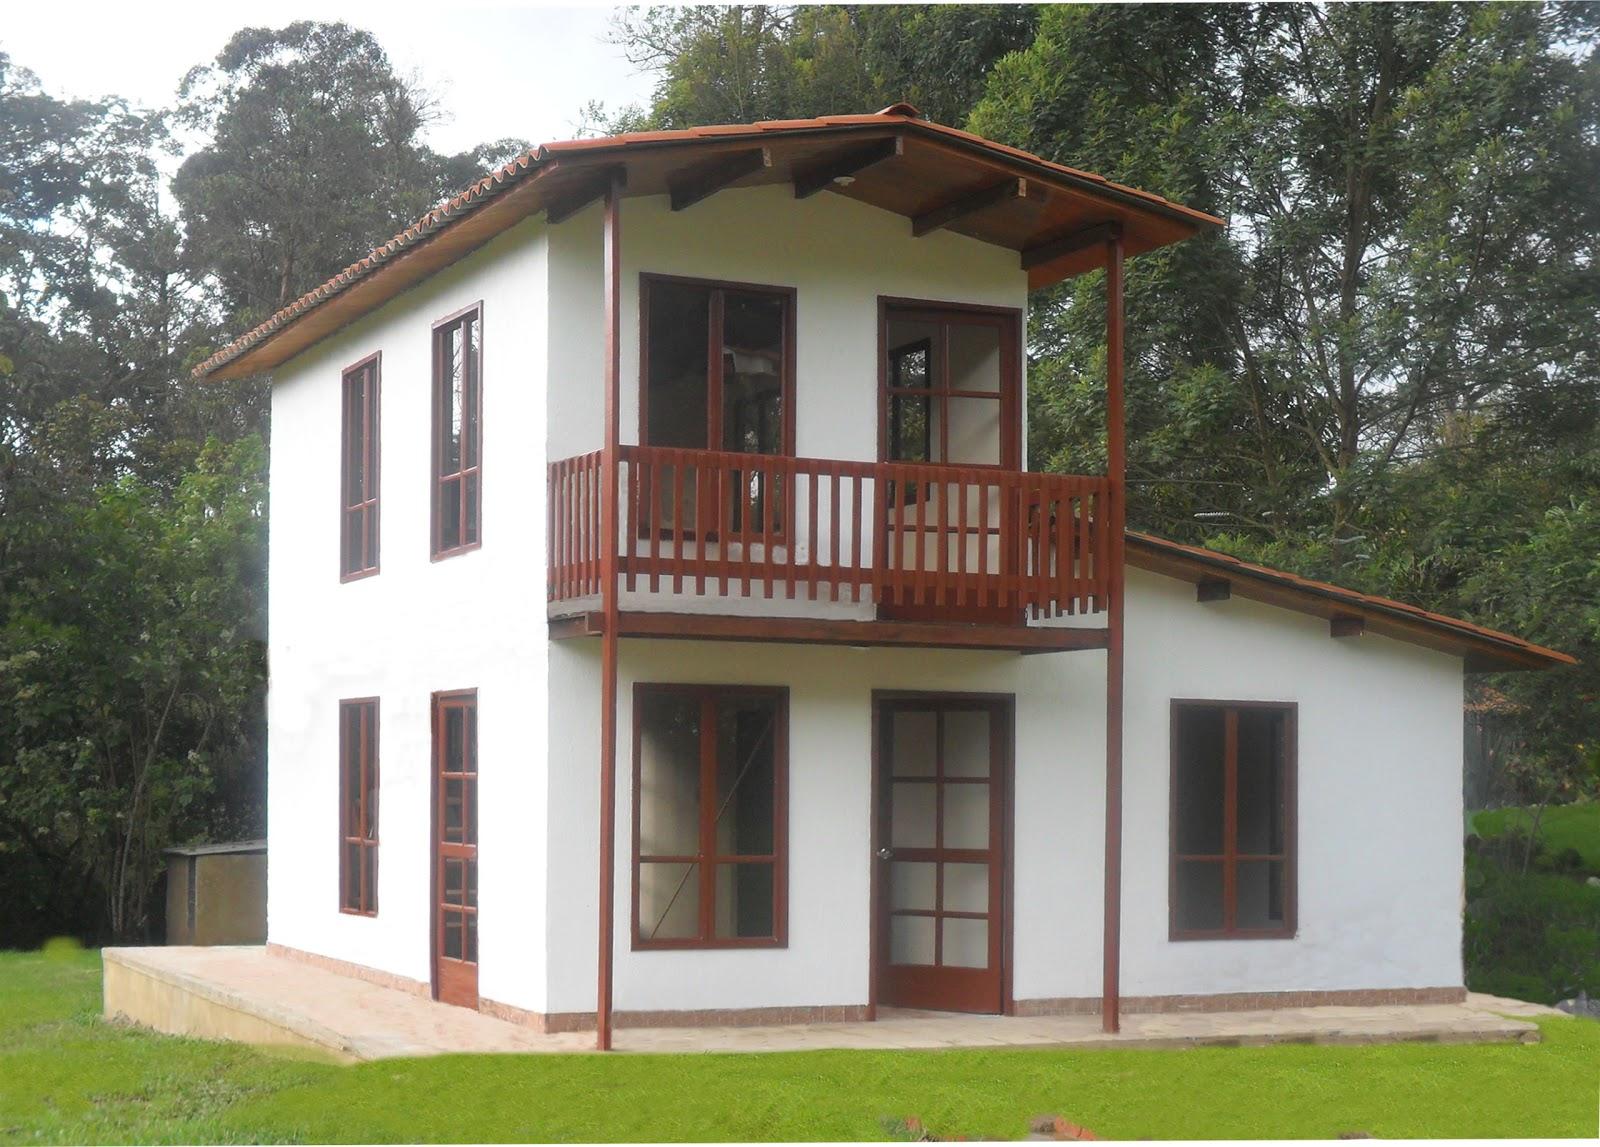 Casas prefabricadas - Construccion de casas prefabricadas ...